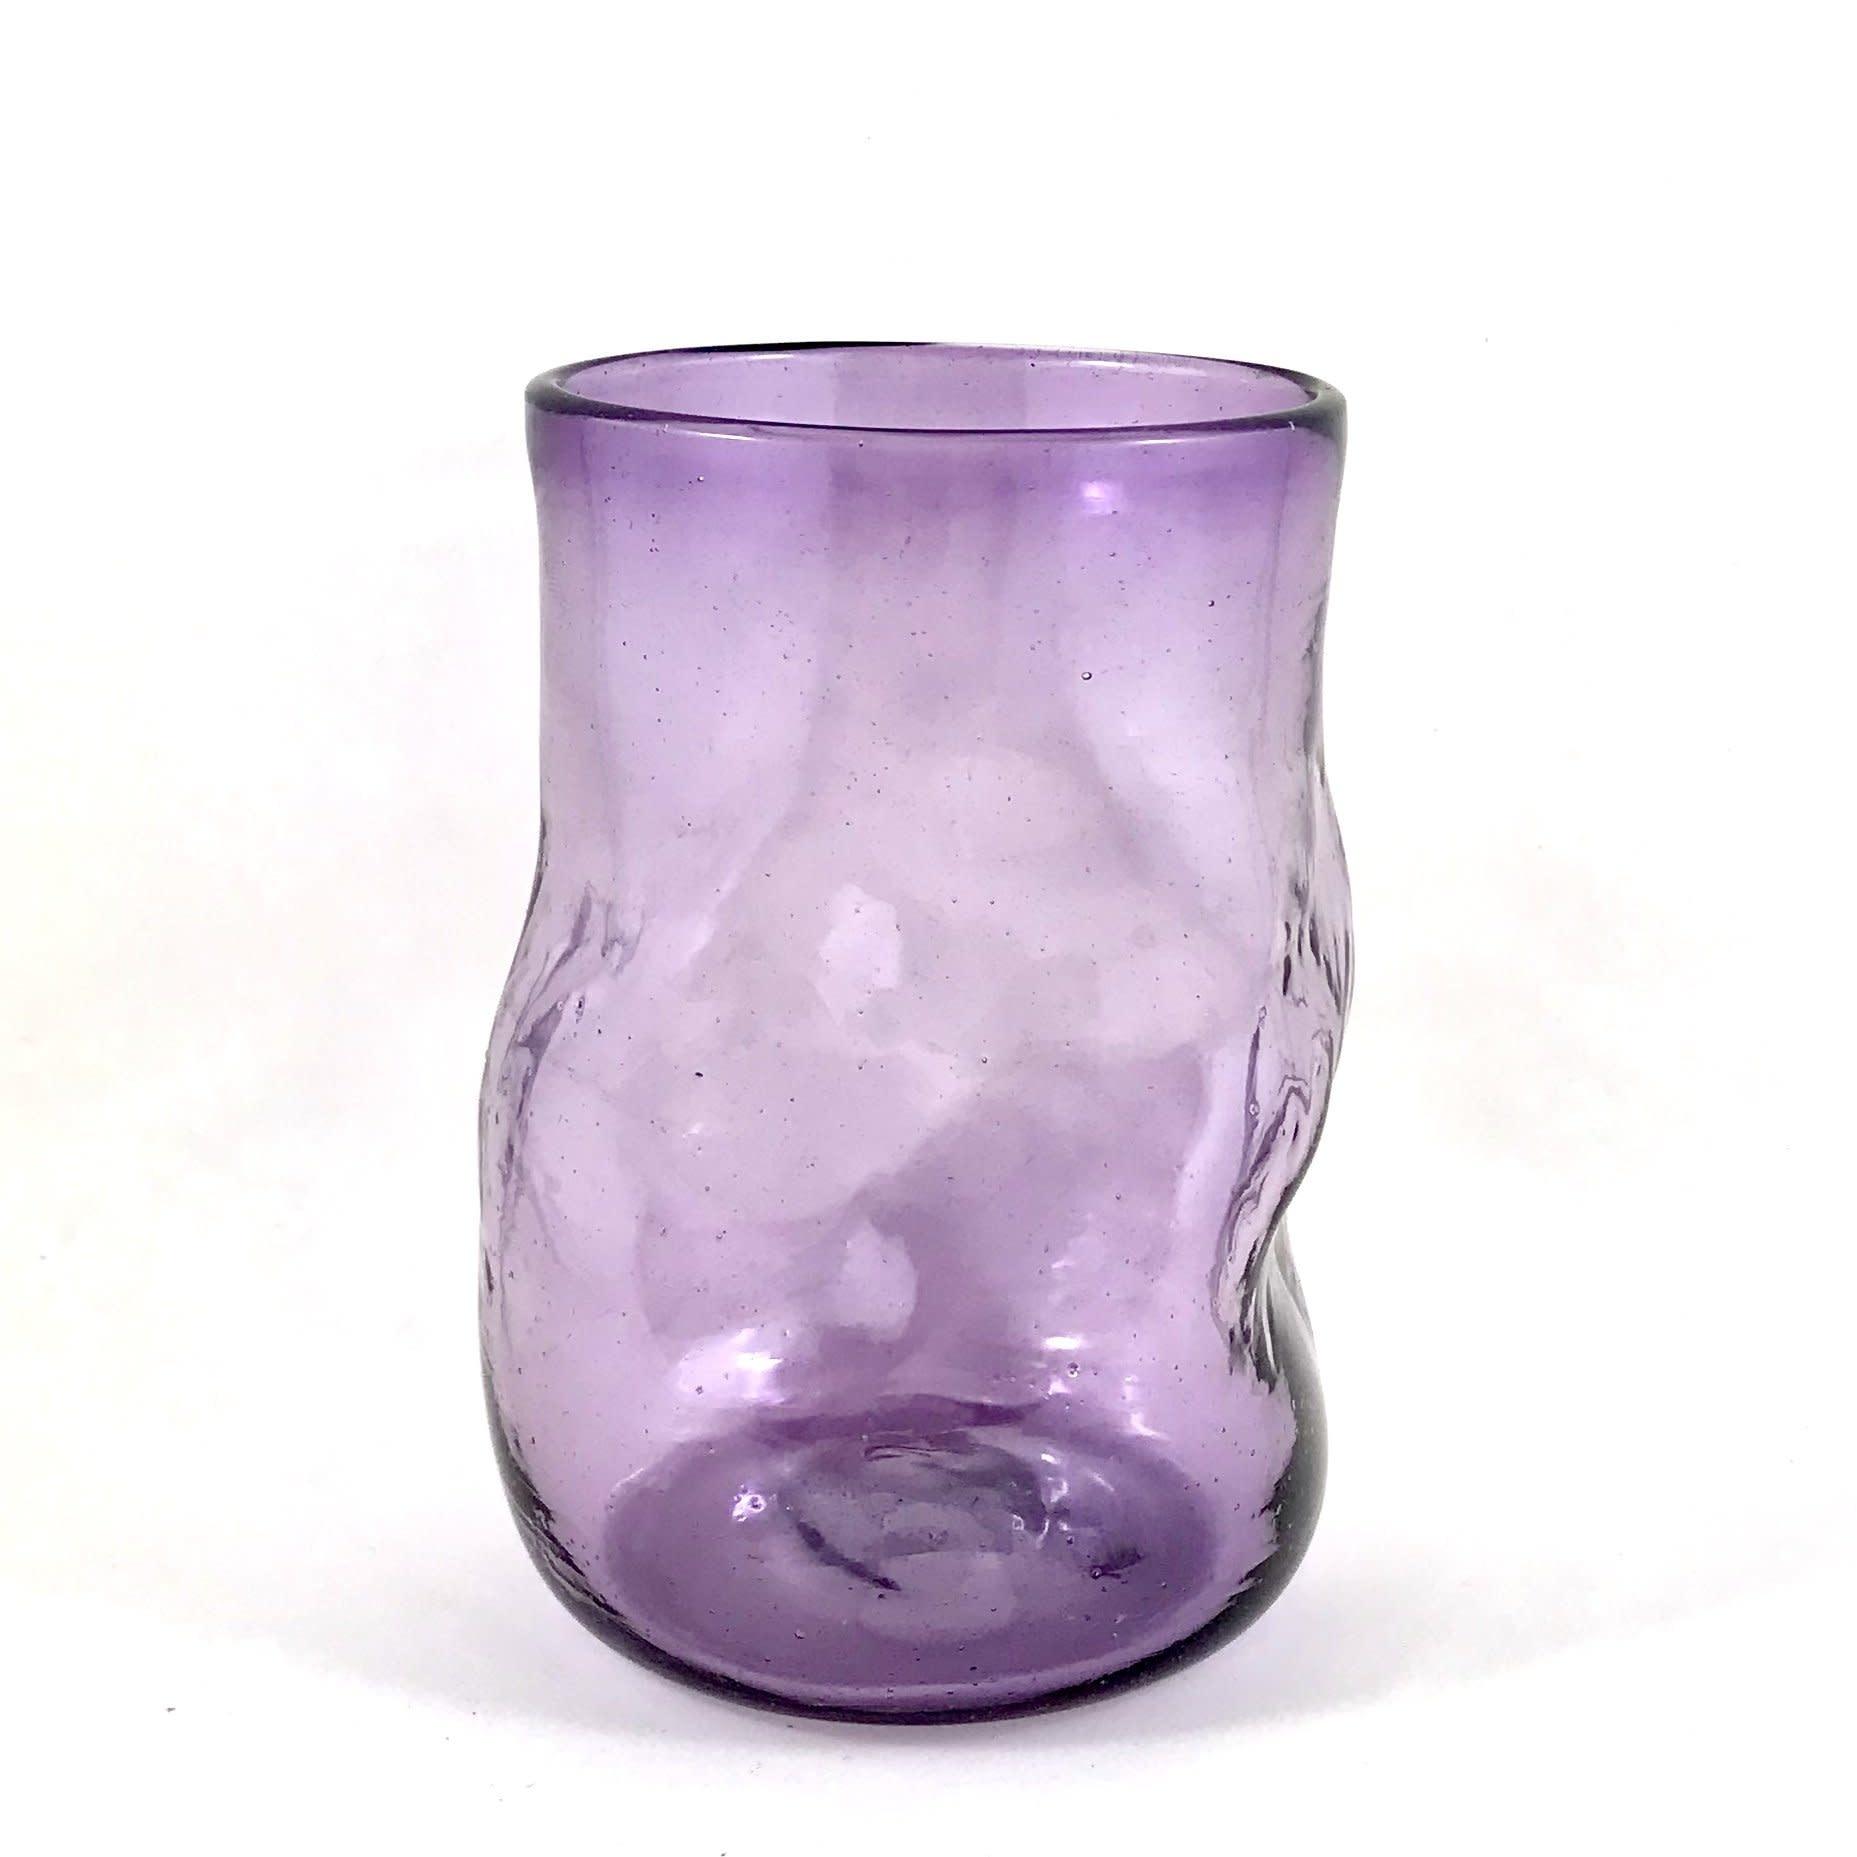 Warthog Glassworks - Ted Jolda Party Glass